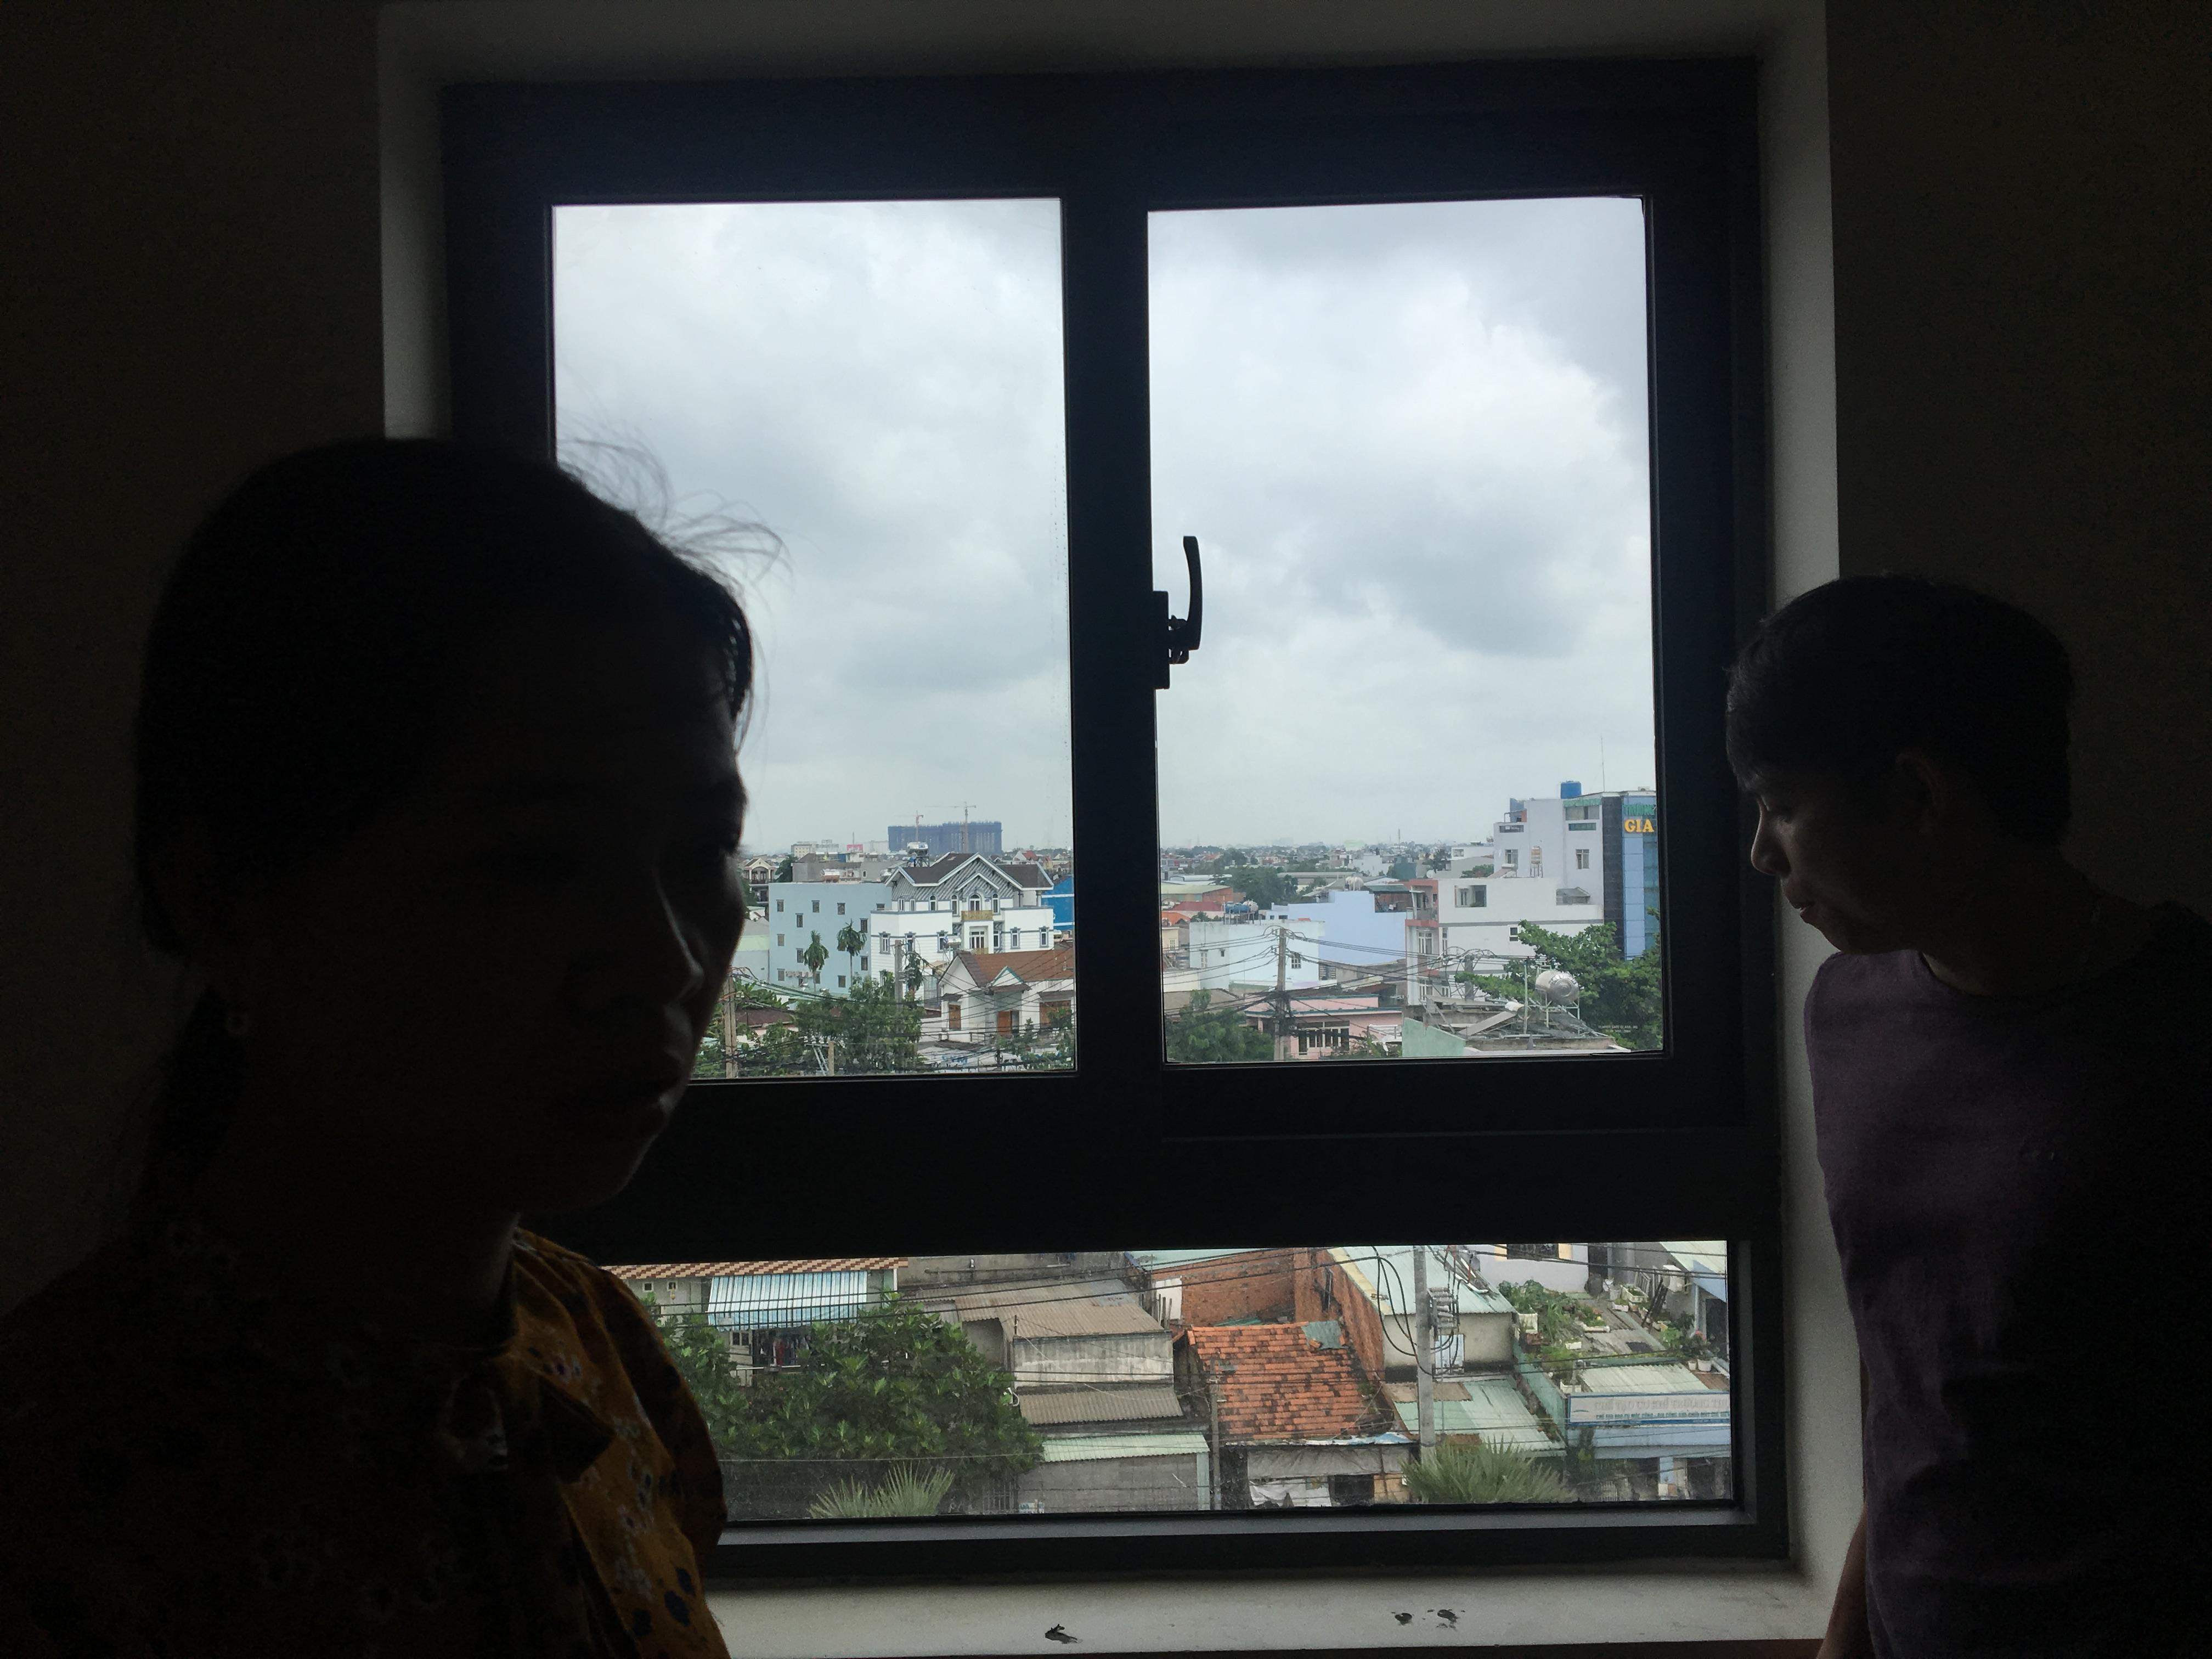 thiết kế nội thất chung cư tại Hồ Chí Minh Căn hộ anh Sáng 4 1562434325